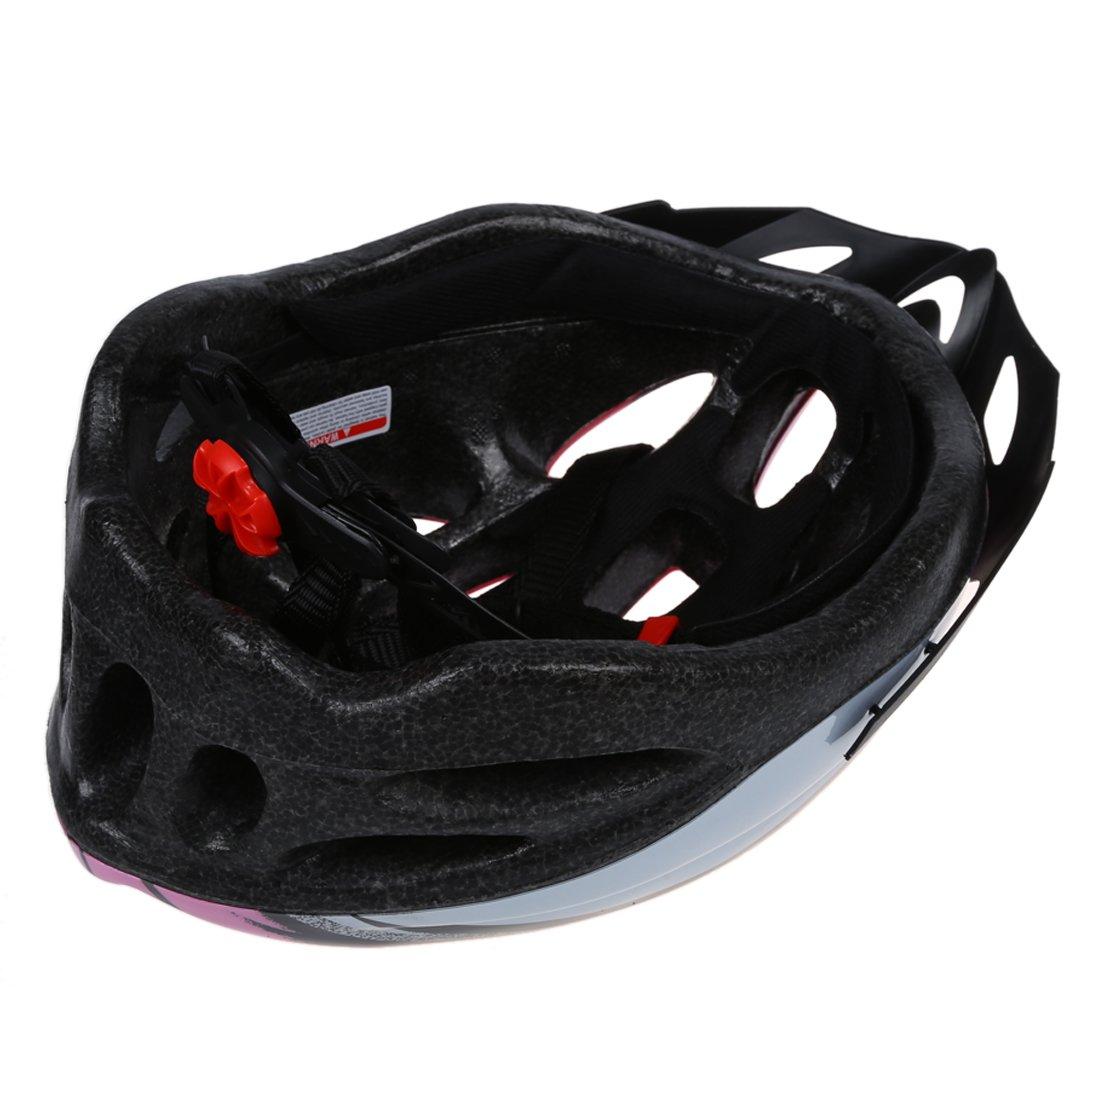 SODIAL(R) Casco de Carbono para Bicicleta con Visera para Adulto Circunferencia de Cabeza 54-65cm/ Ancho de Cabeza Bajo 16cm: Amazon.es: Deportes y aire ...